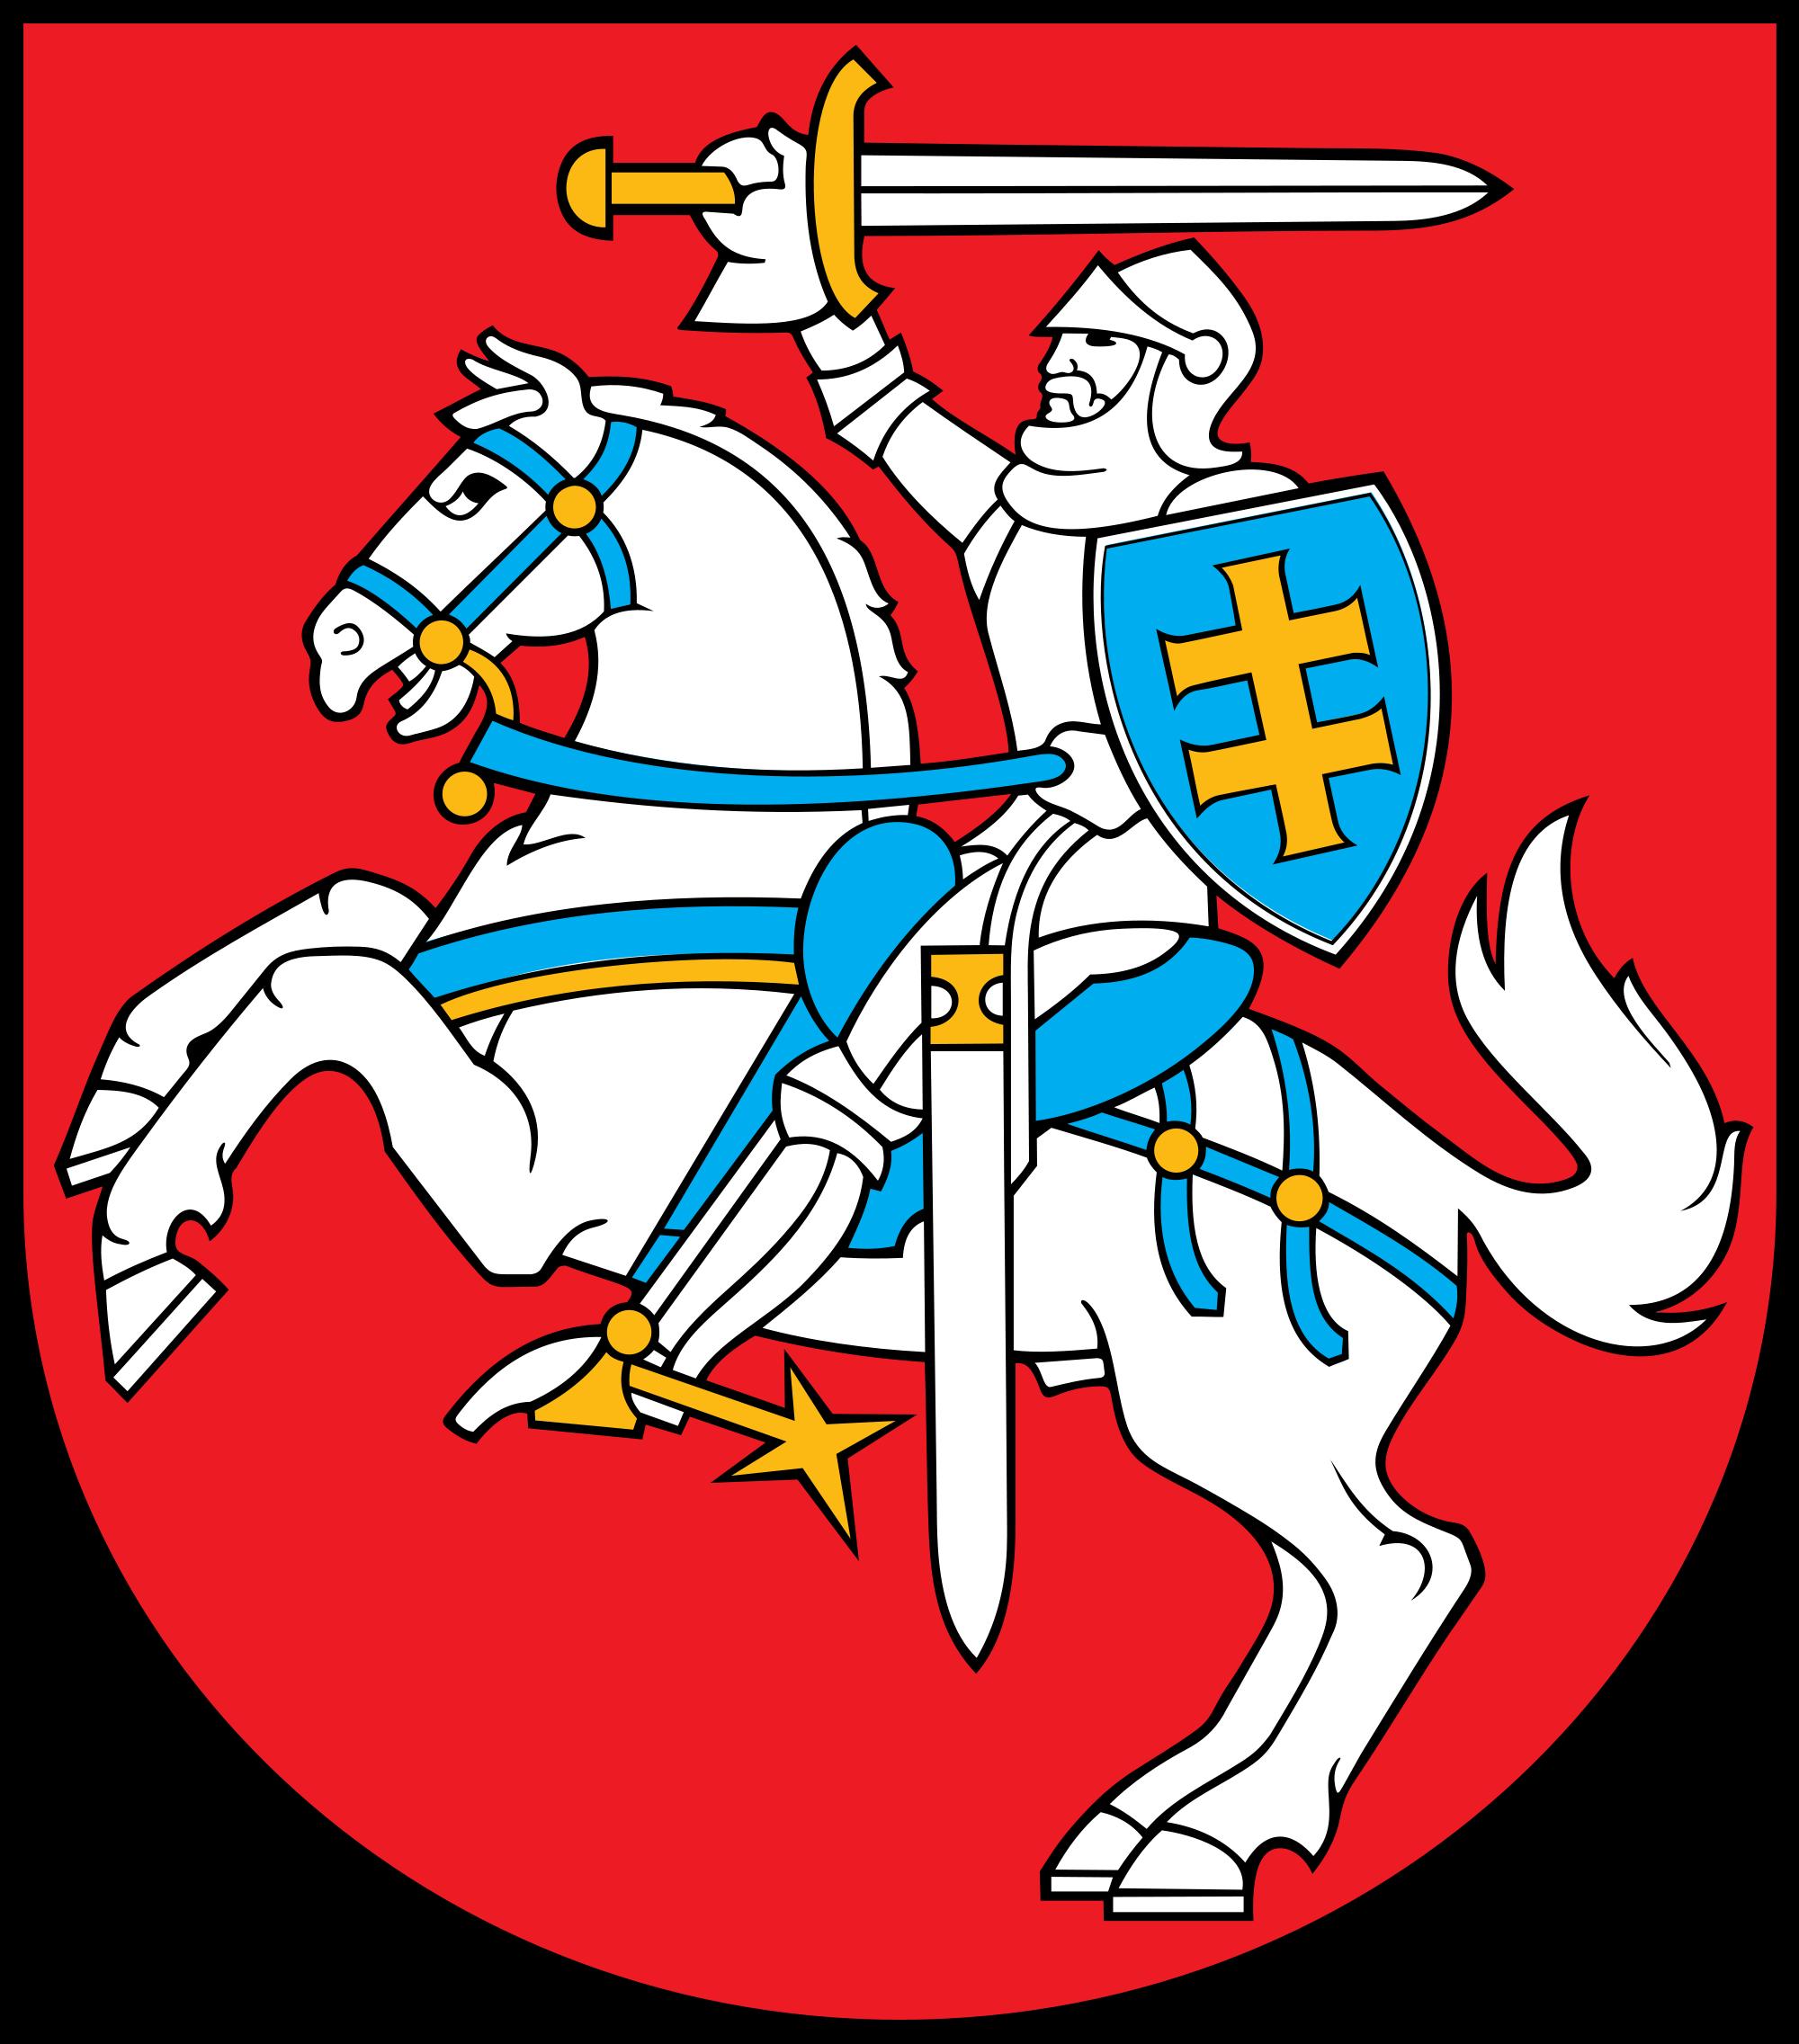 Wapen van Litouwen